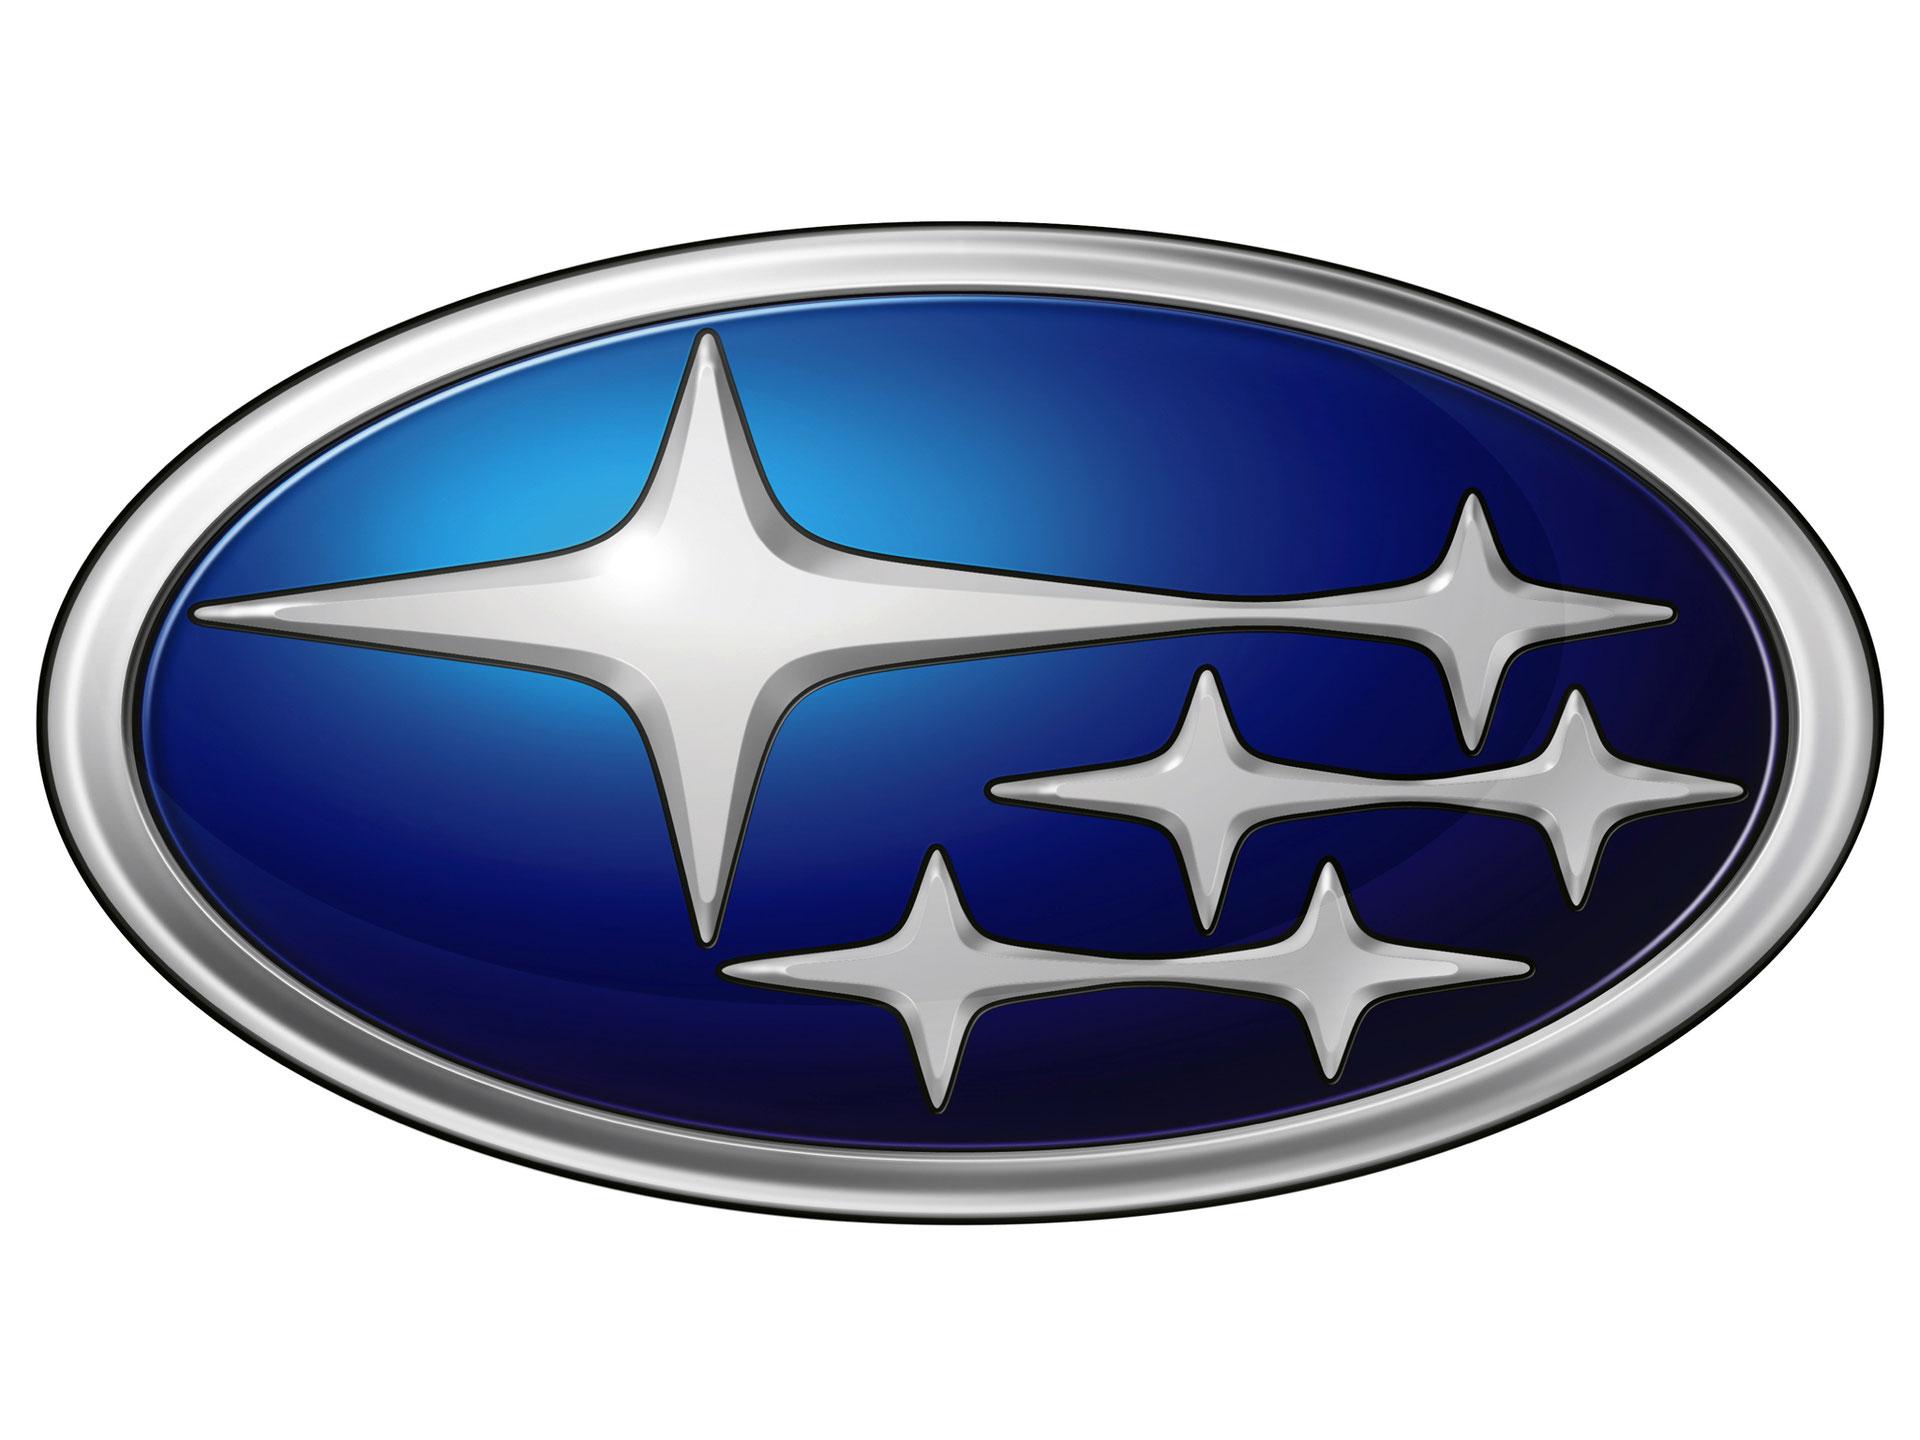 Subaru Service Manuals Wiring Diagrams